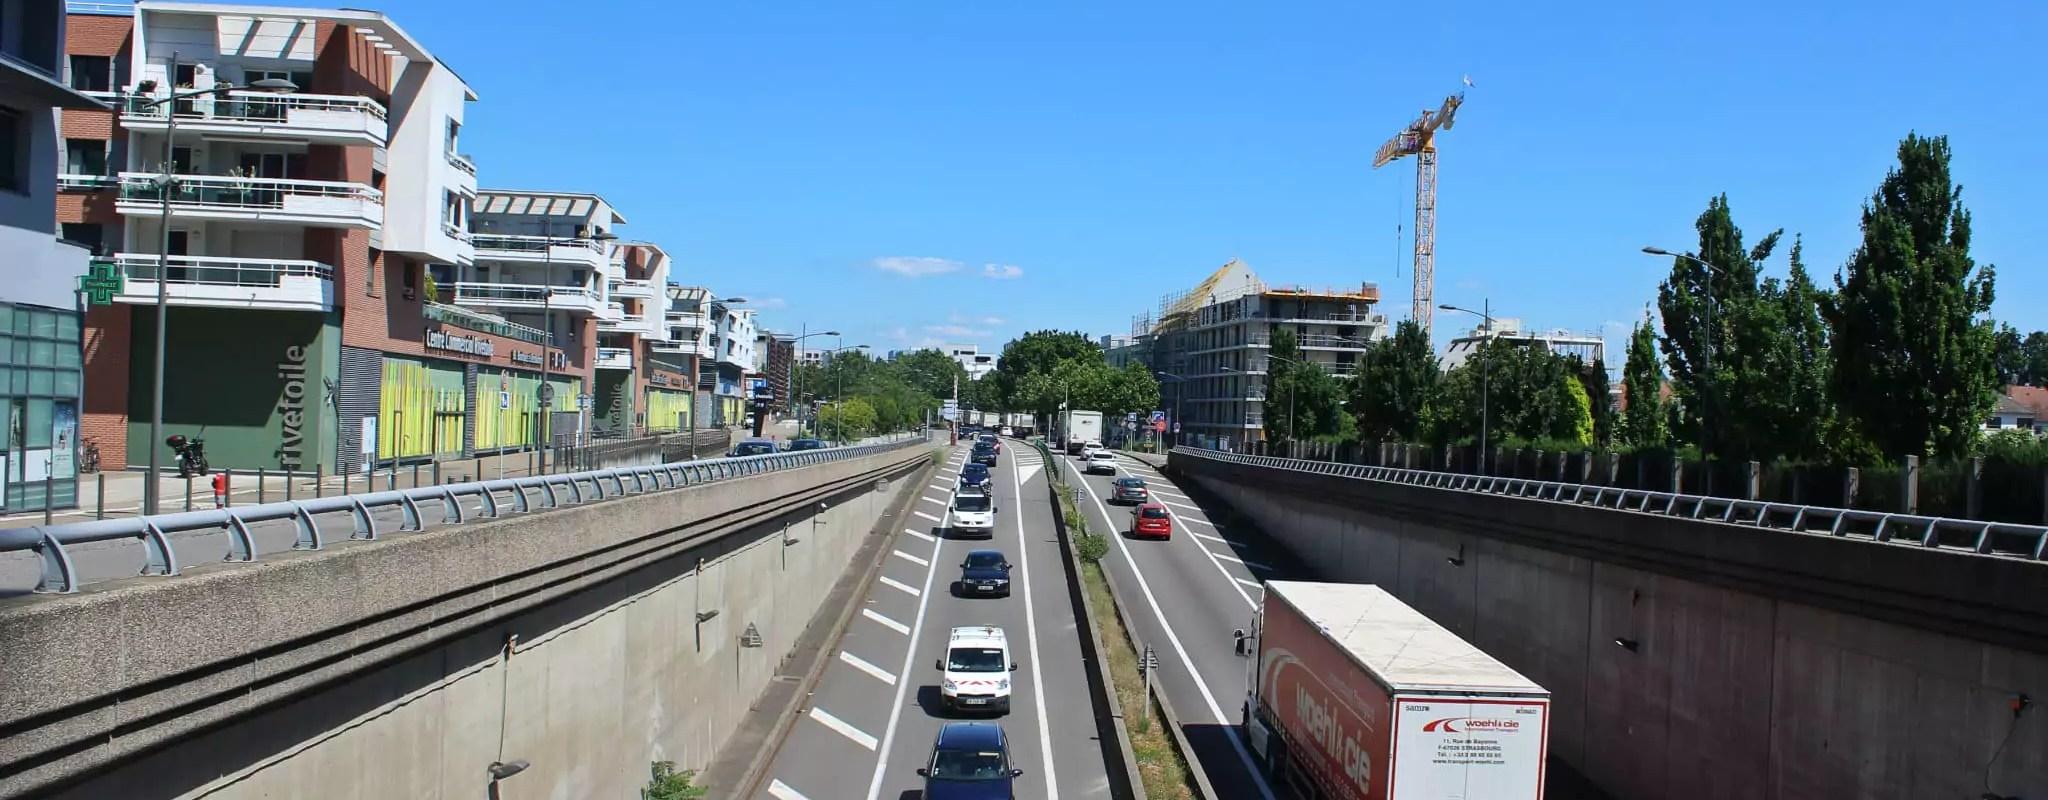 Vingt idées pour réparer l'avenue du Rhin ratée